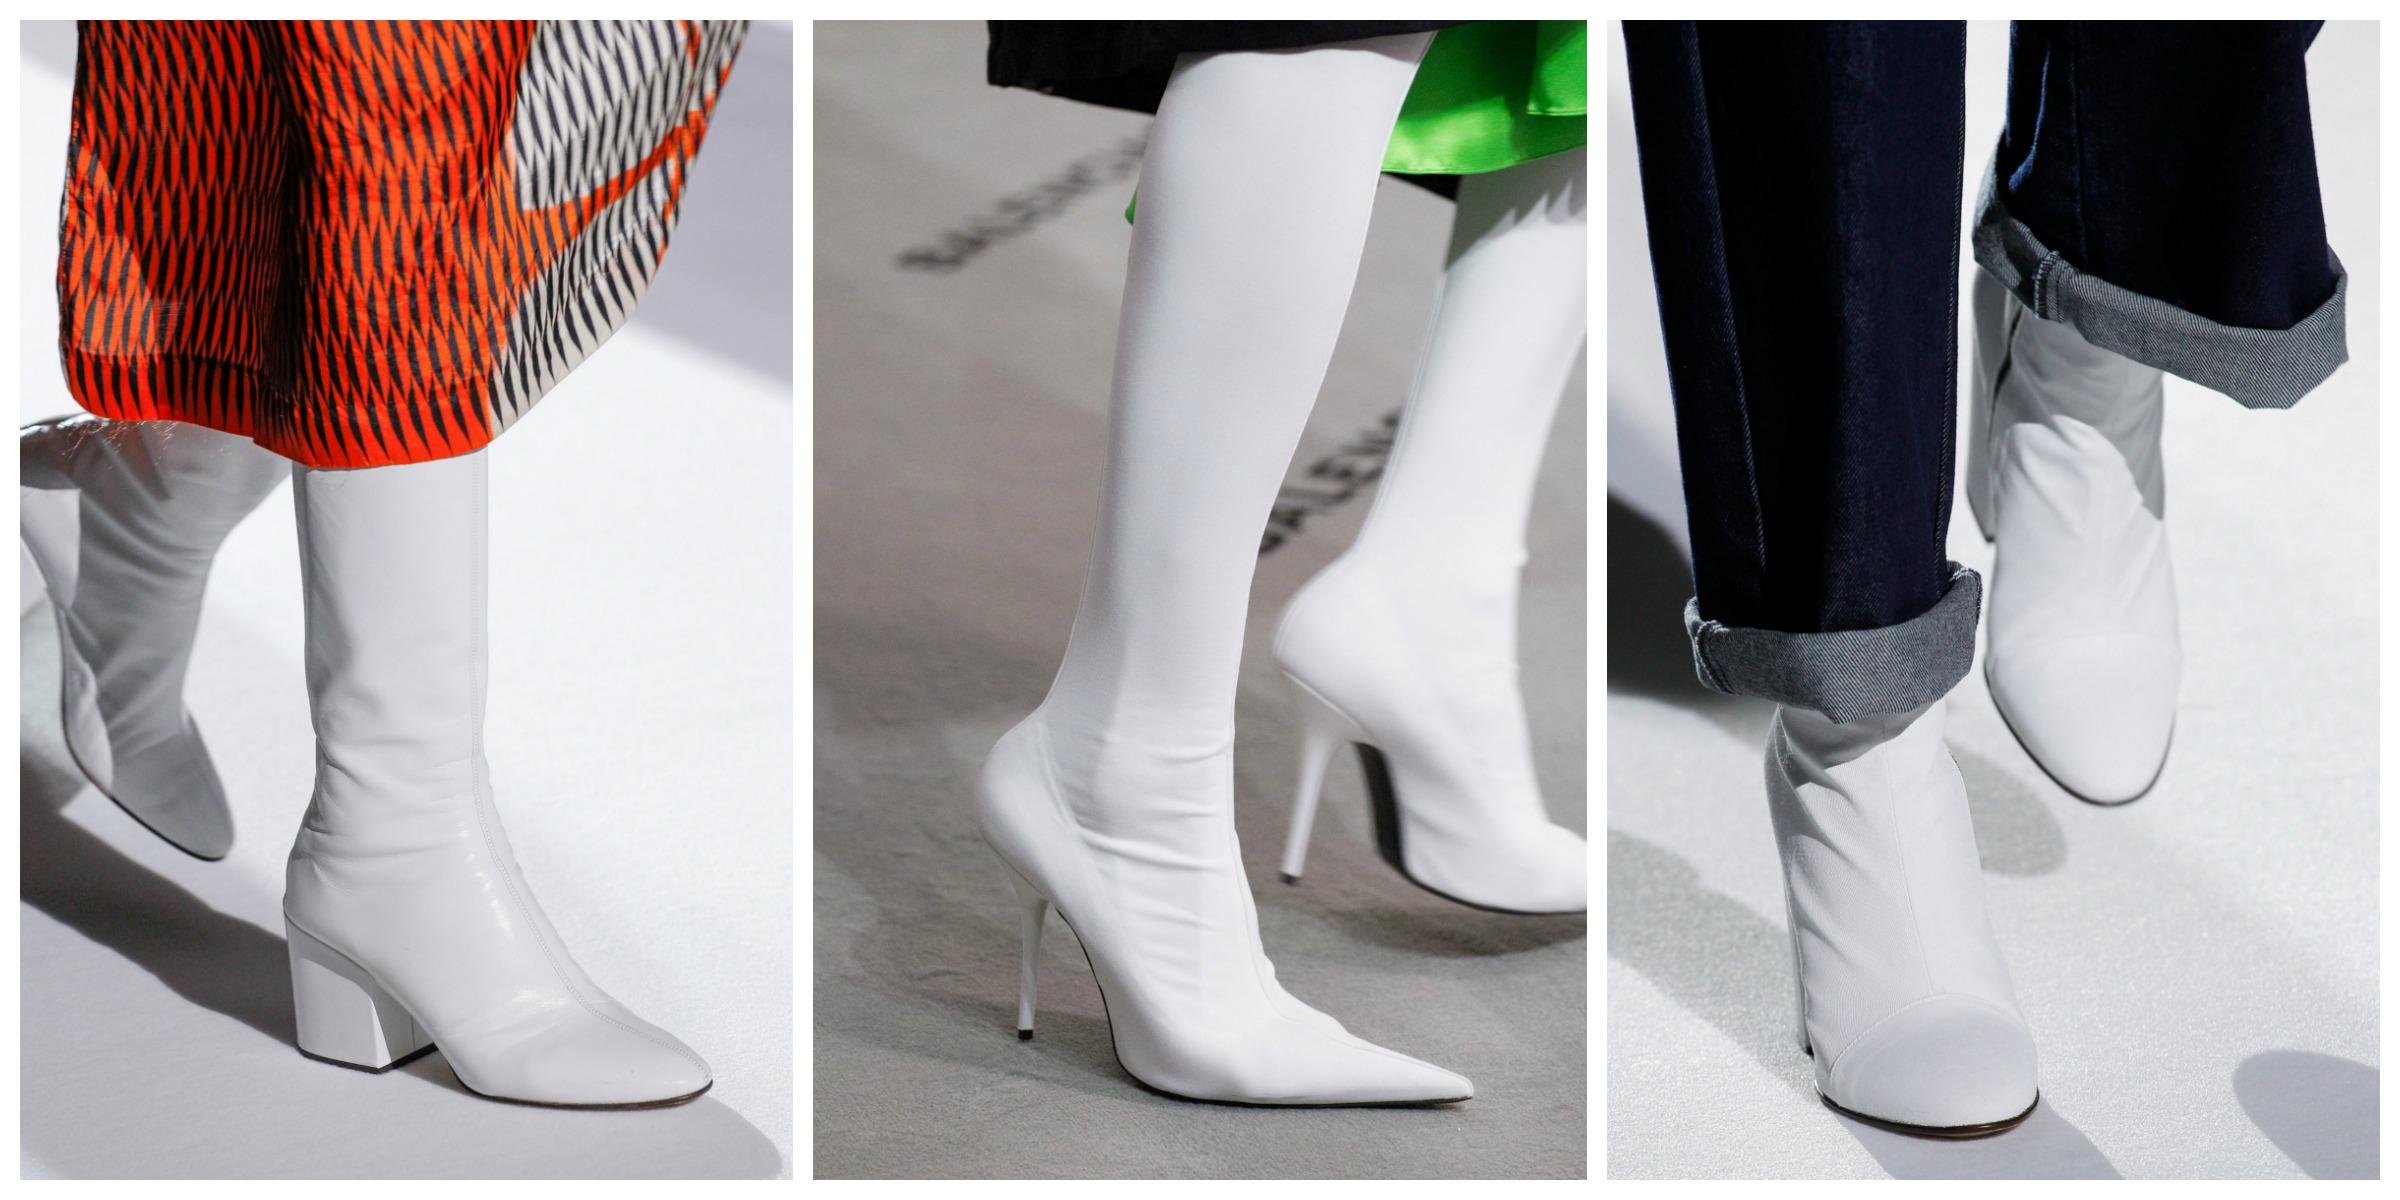 Botas Brancas | O Factor Cool ...um par de botas brancas! Muito vistosas e aparentemente difíceis de usar, as botas brancas passam a ser as mais desejadas e acabam por ficar bem com tudo! Funcionam particularmente bem com calças largas e curtas e saias ou vestidos leves.